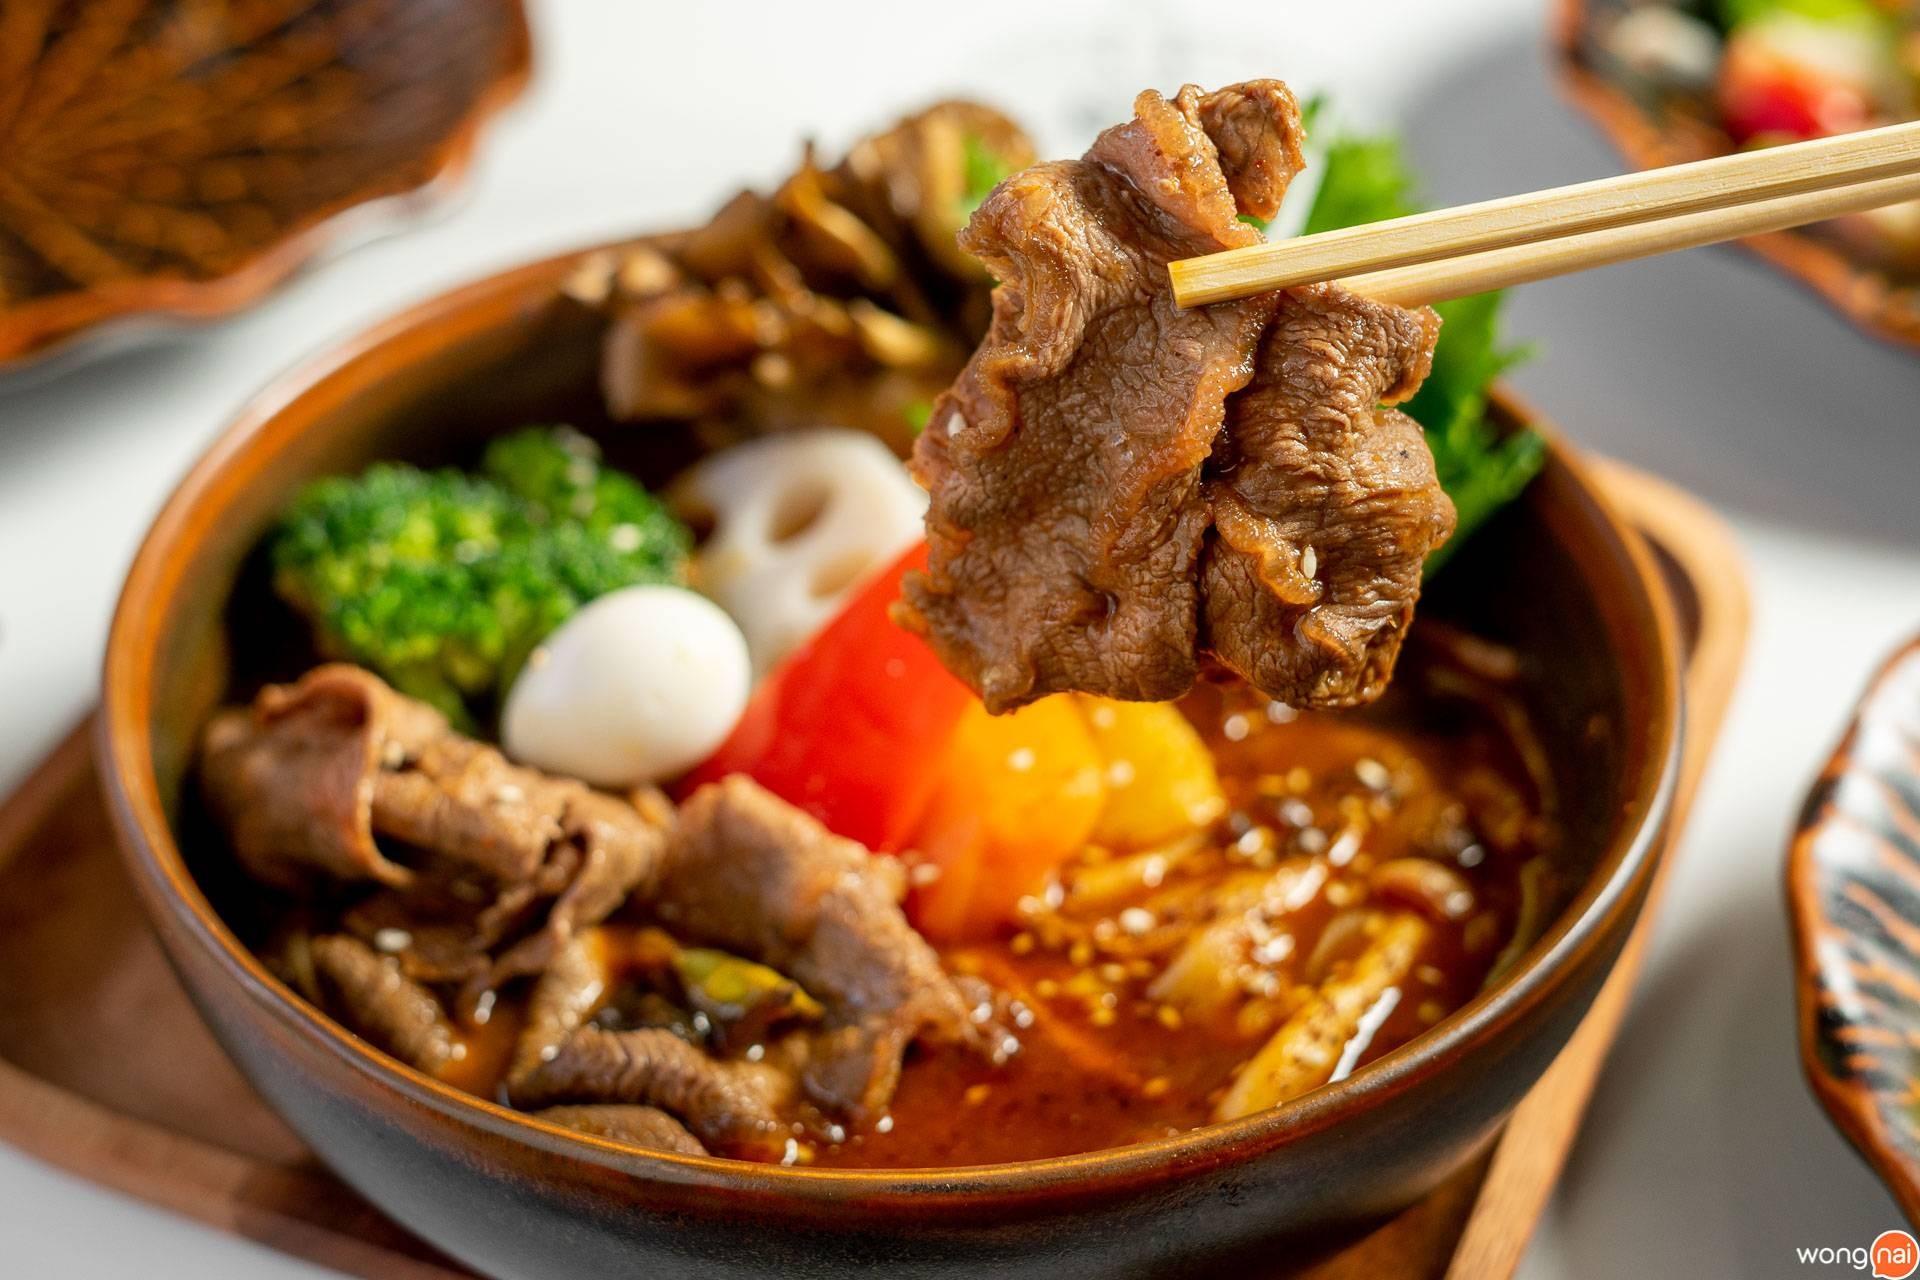 """เมนู """"ซุปแกงกะหรี่เนื้อโคขุนชาบู"""" ของร้าน """"Garaku"""""""